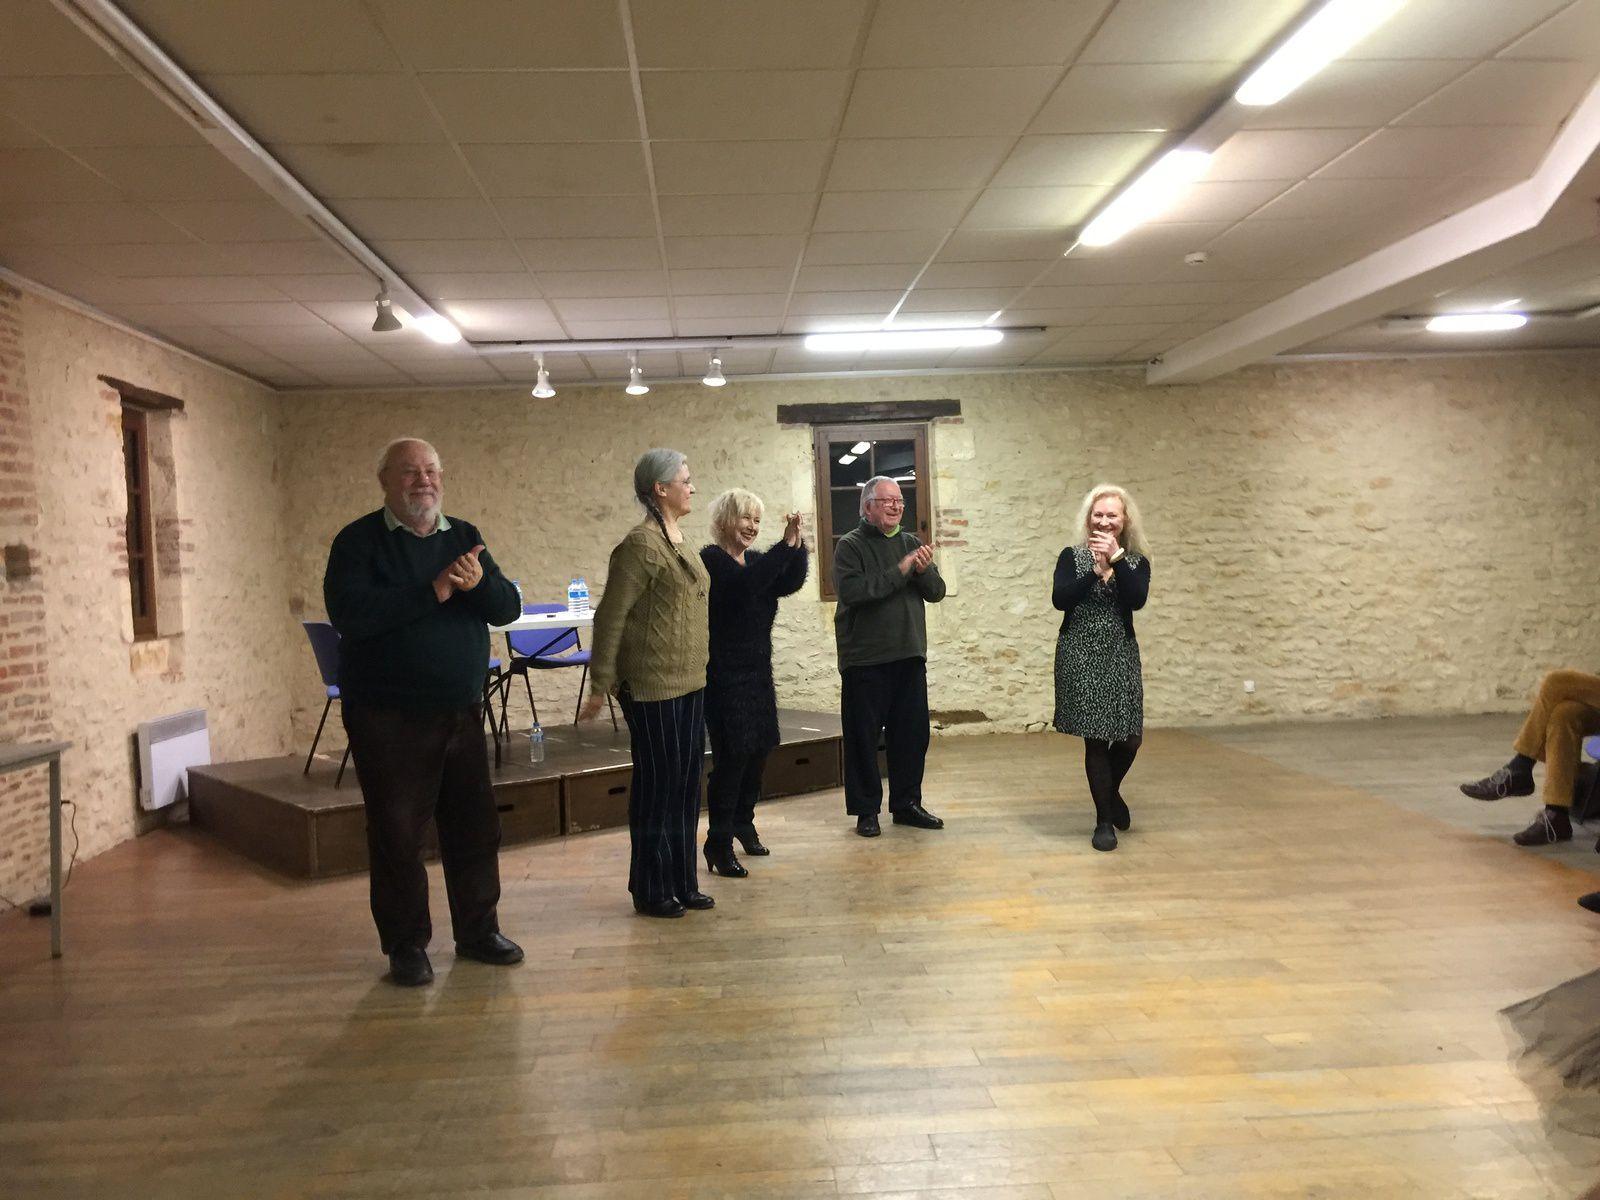 un dialogue imaginé par Pierre Petrus, Martin Walker sur Will, Pierre Petrus sur Miguel, le groupe de danse flamenco